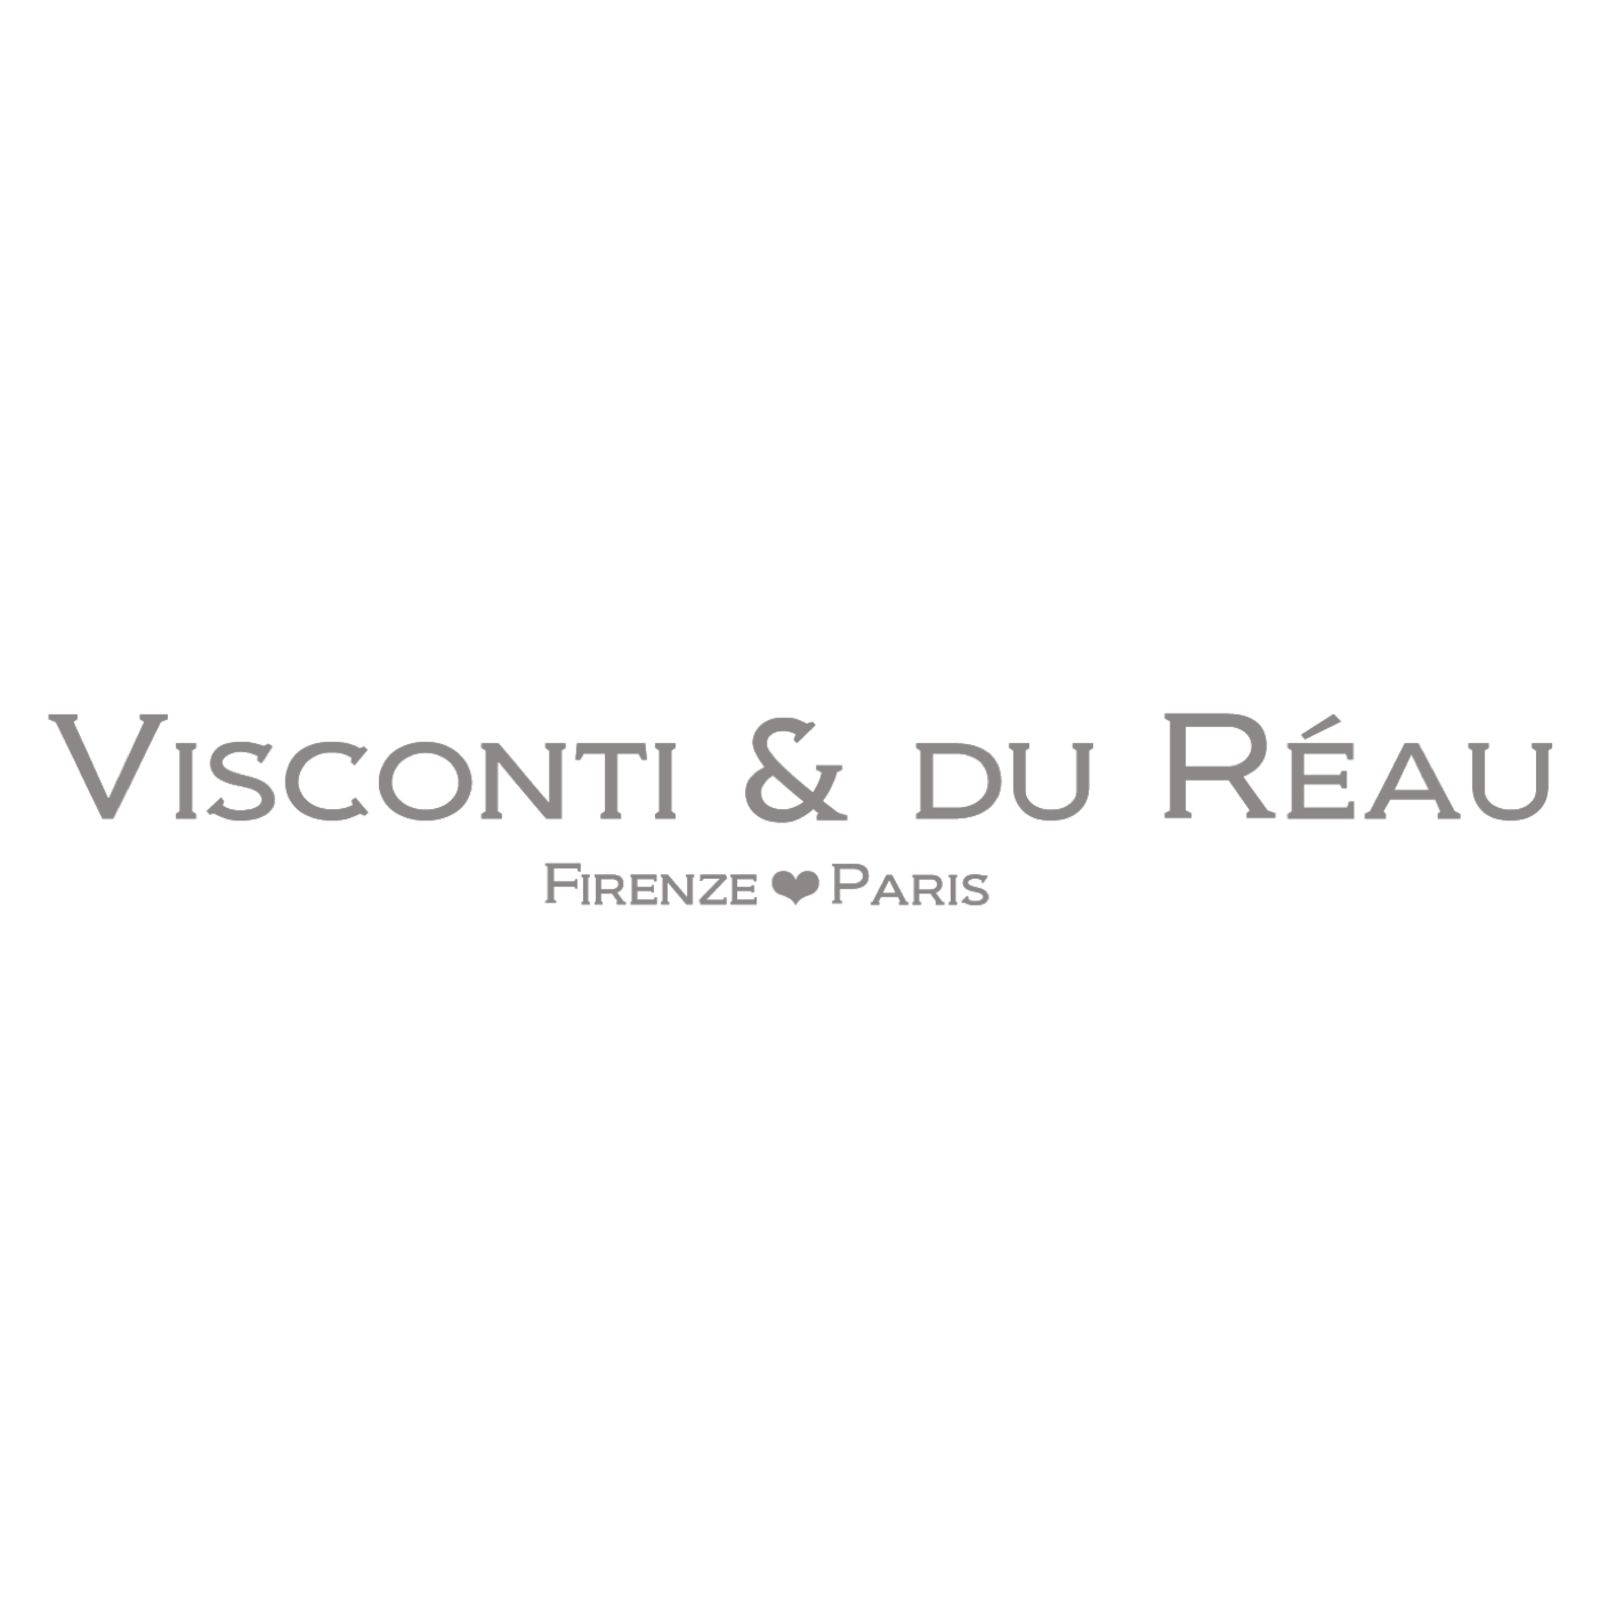 VISCONTI & DU RÉAU